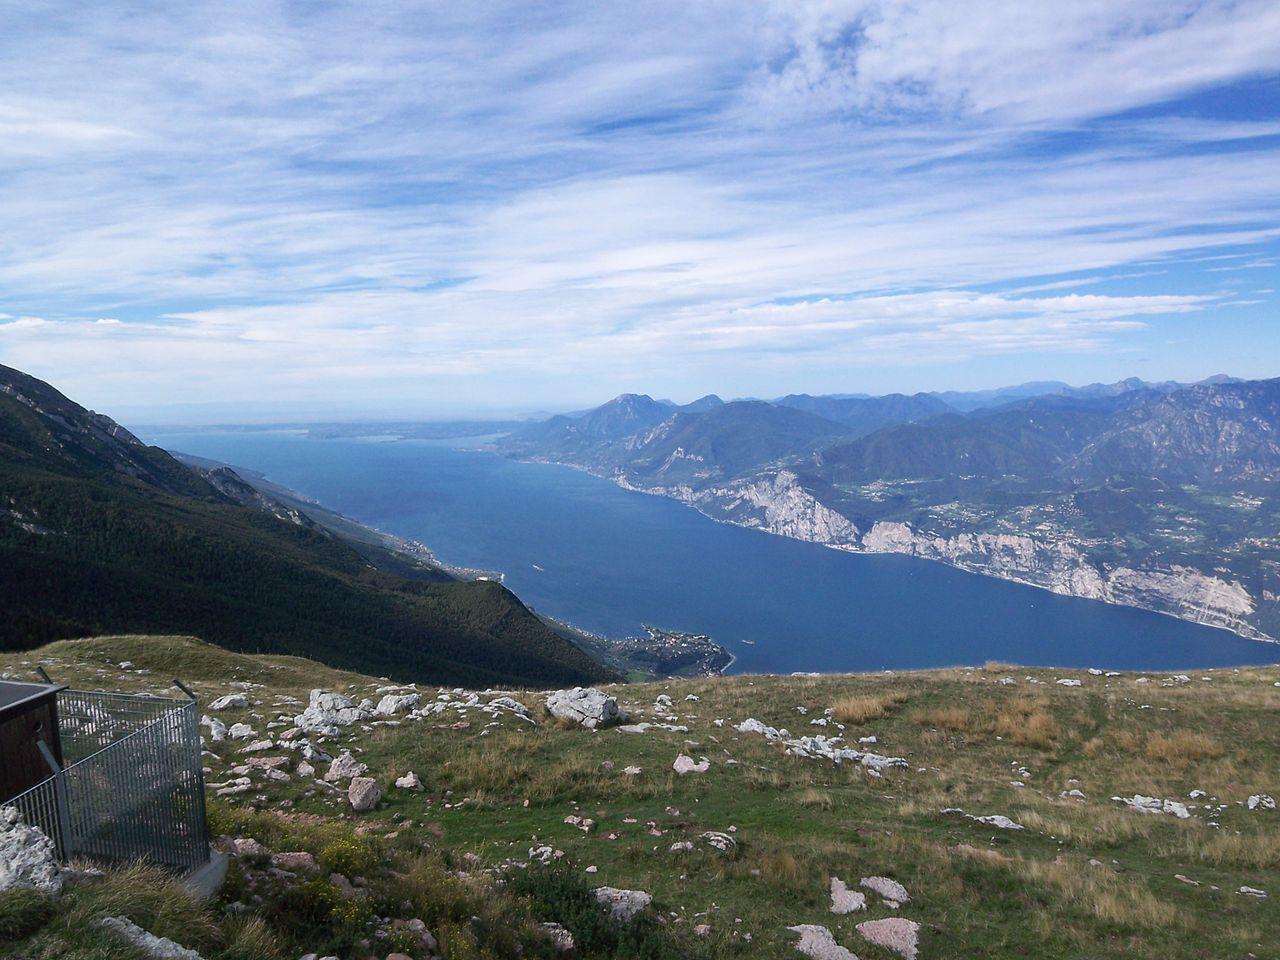 1280px-Blick_vom_Monte_Baldo_auf_den_Gardasee[1]